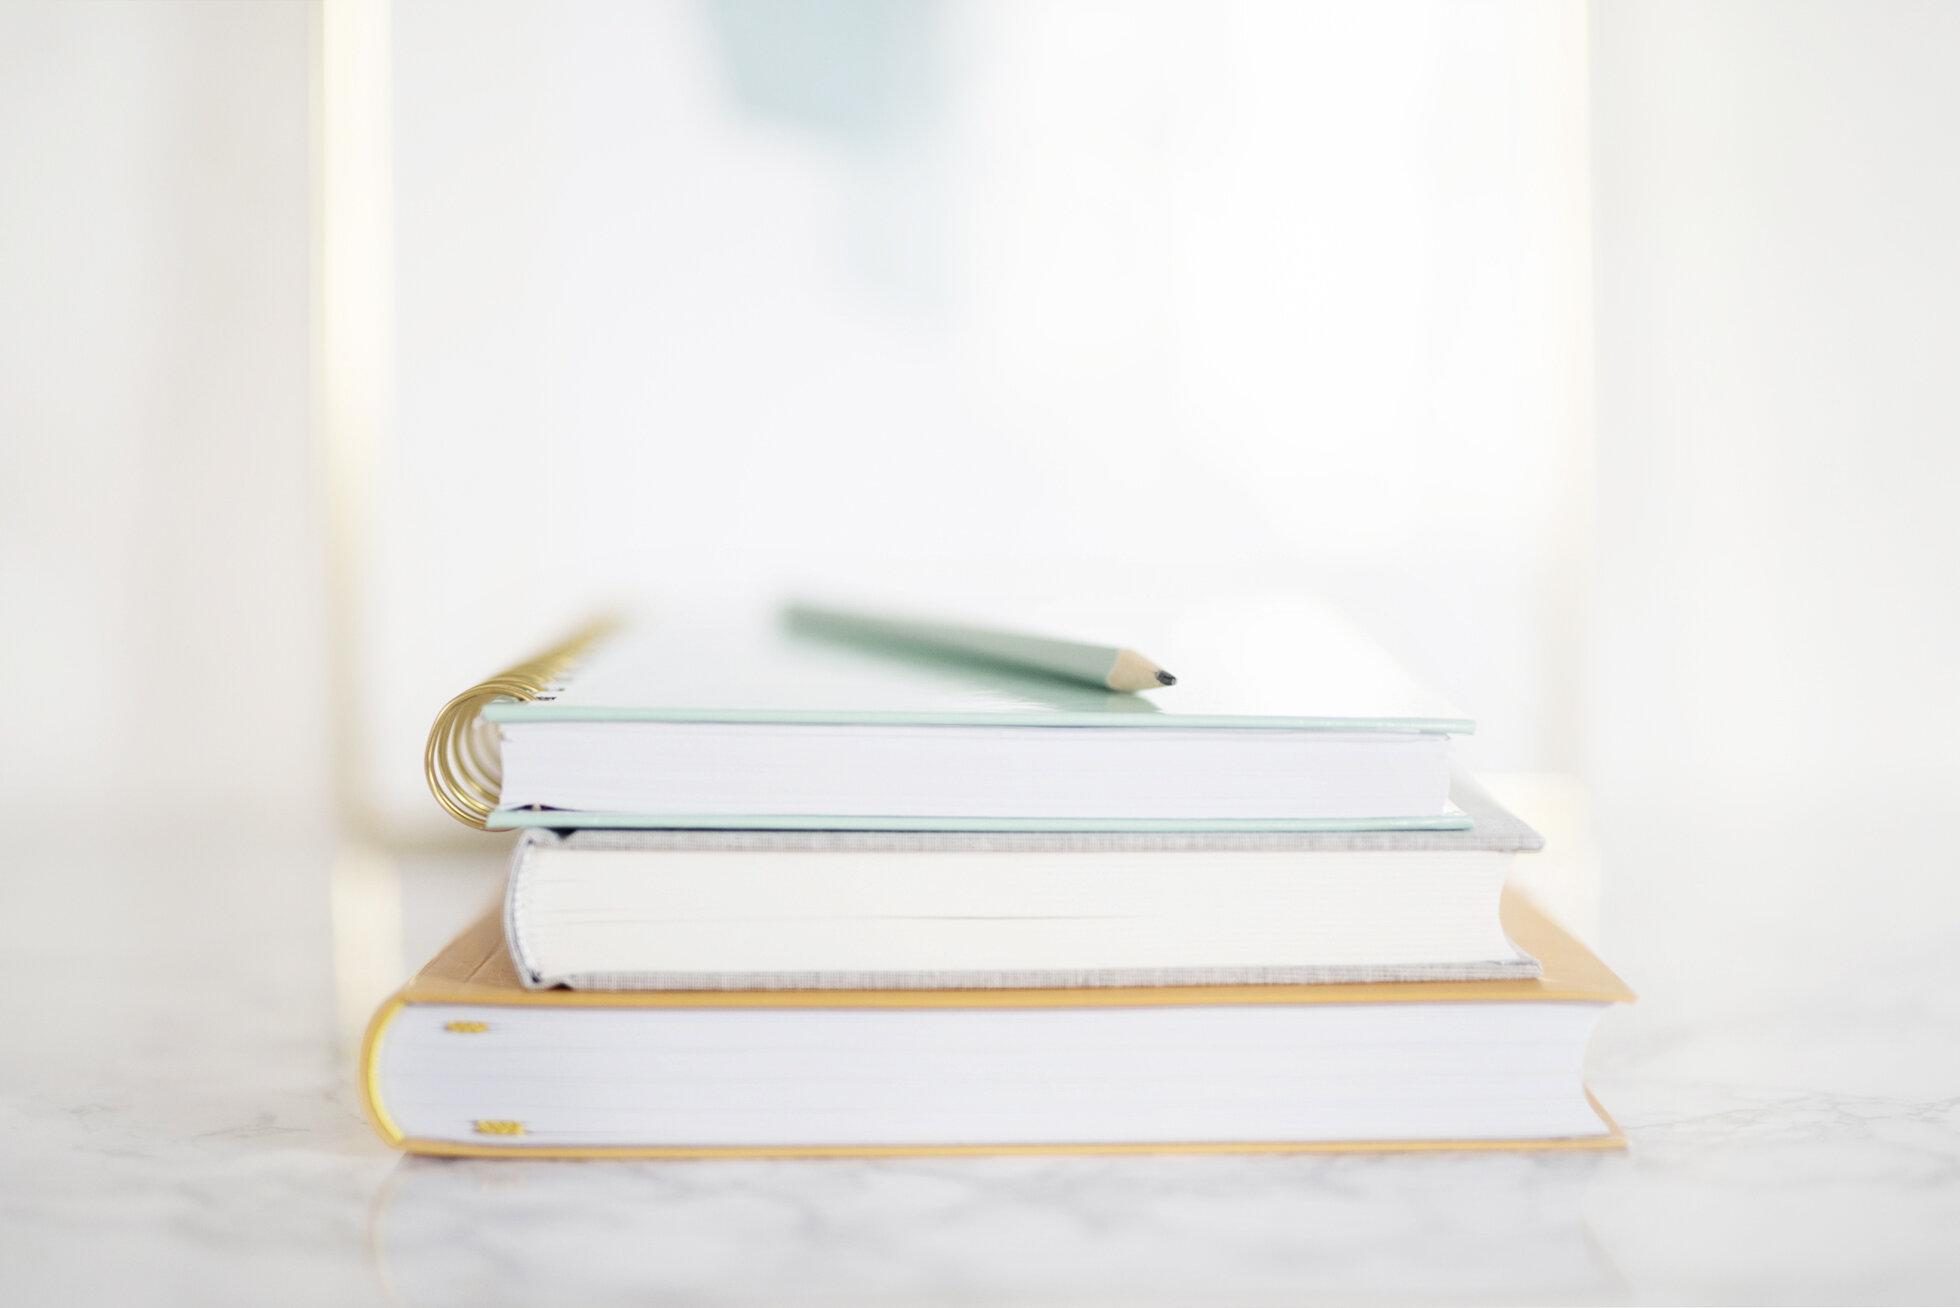 Snart klart! Jag tittar över texterna för att eliminera slarvfel och annat du kan vara utan, sedan levereras texterna till dig. I din hand kommer du att ha du säljande copywriting som låter som du – och du kommer dessutom ha fått med dig de nödvändiga grunderna för att skriva bättre copy på egen hand framöver.